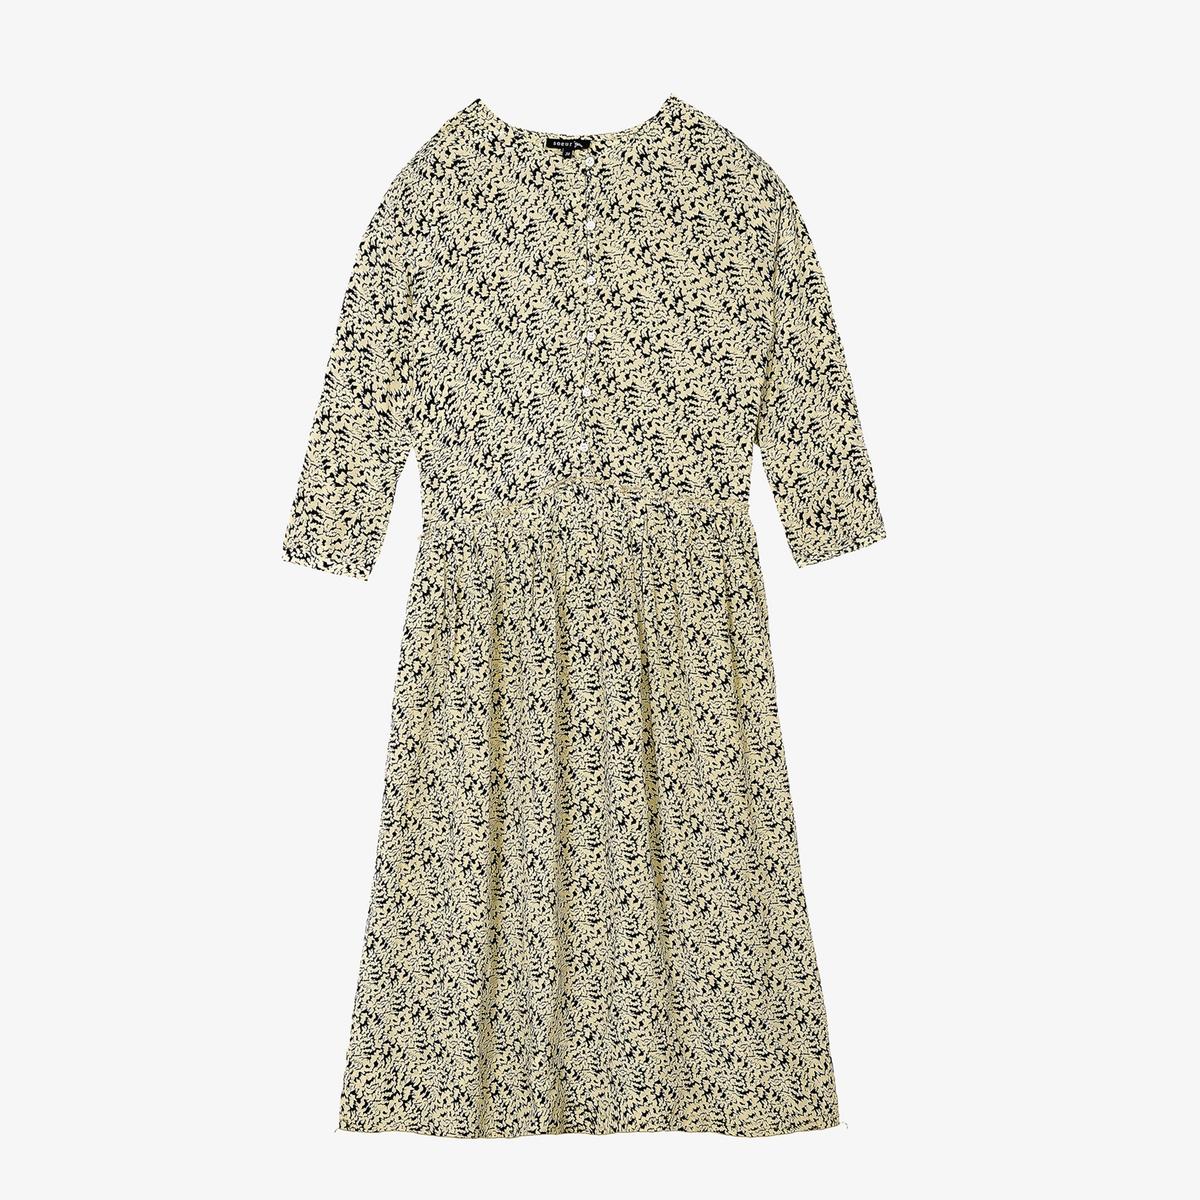 Платье La Redoute С принтом с длинными рукавами DAHLIA 38 (FR) - 44 (RUS) бежевый платье с длинными рукавами с вышивкой